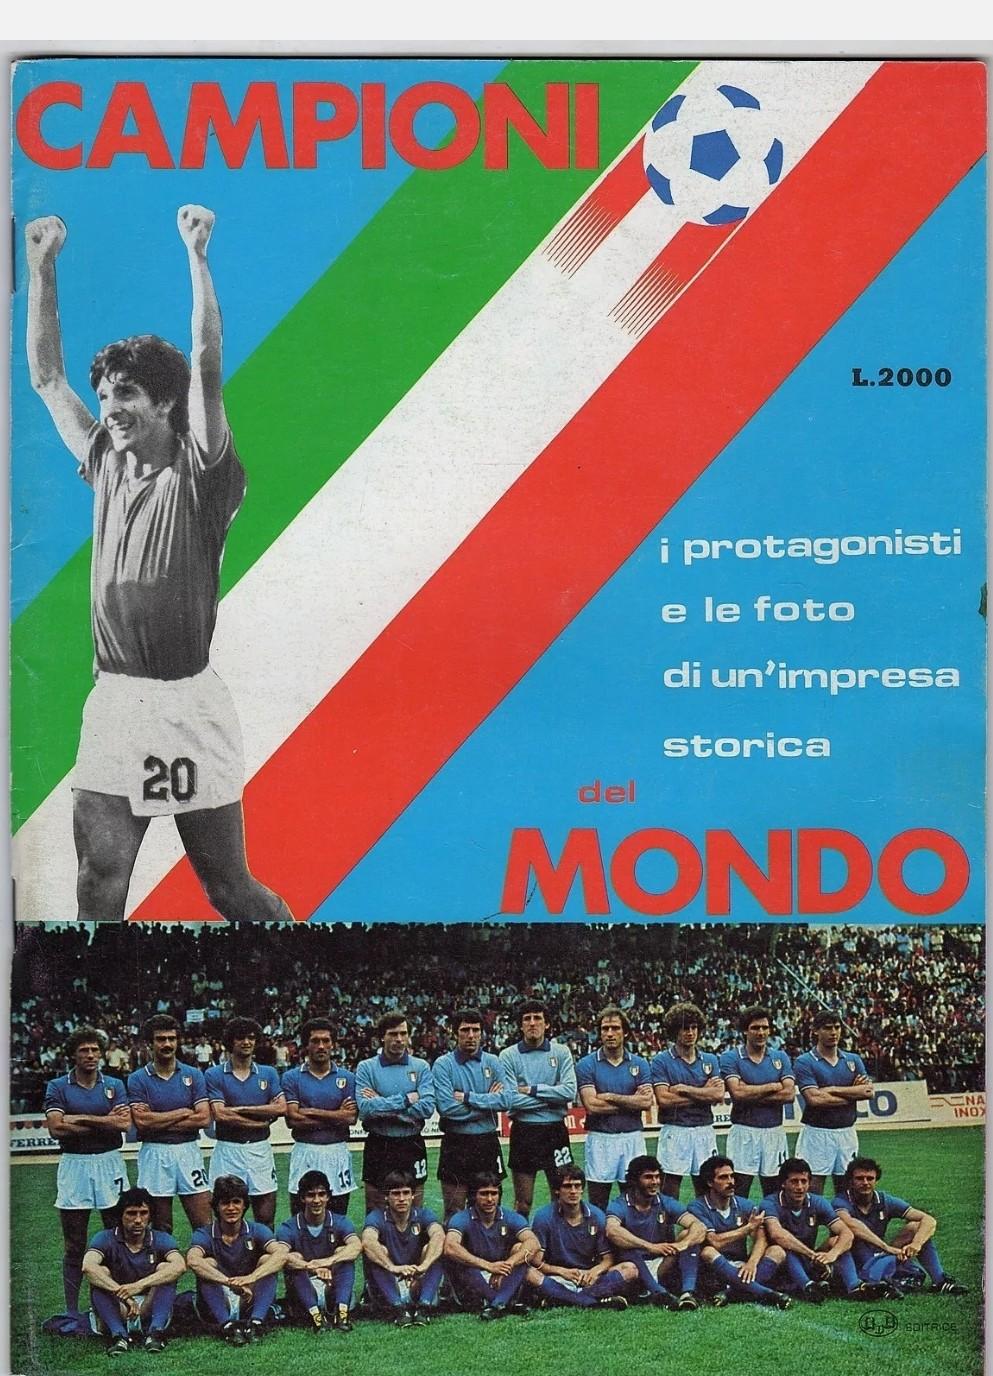 CAMPIONI DEL MONDO NAZIONALE ITALIANA ESPANA 82 SPAGNA 1982 PAOLO ROSSI